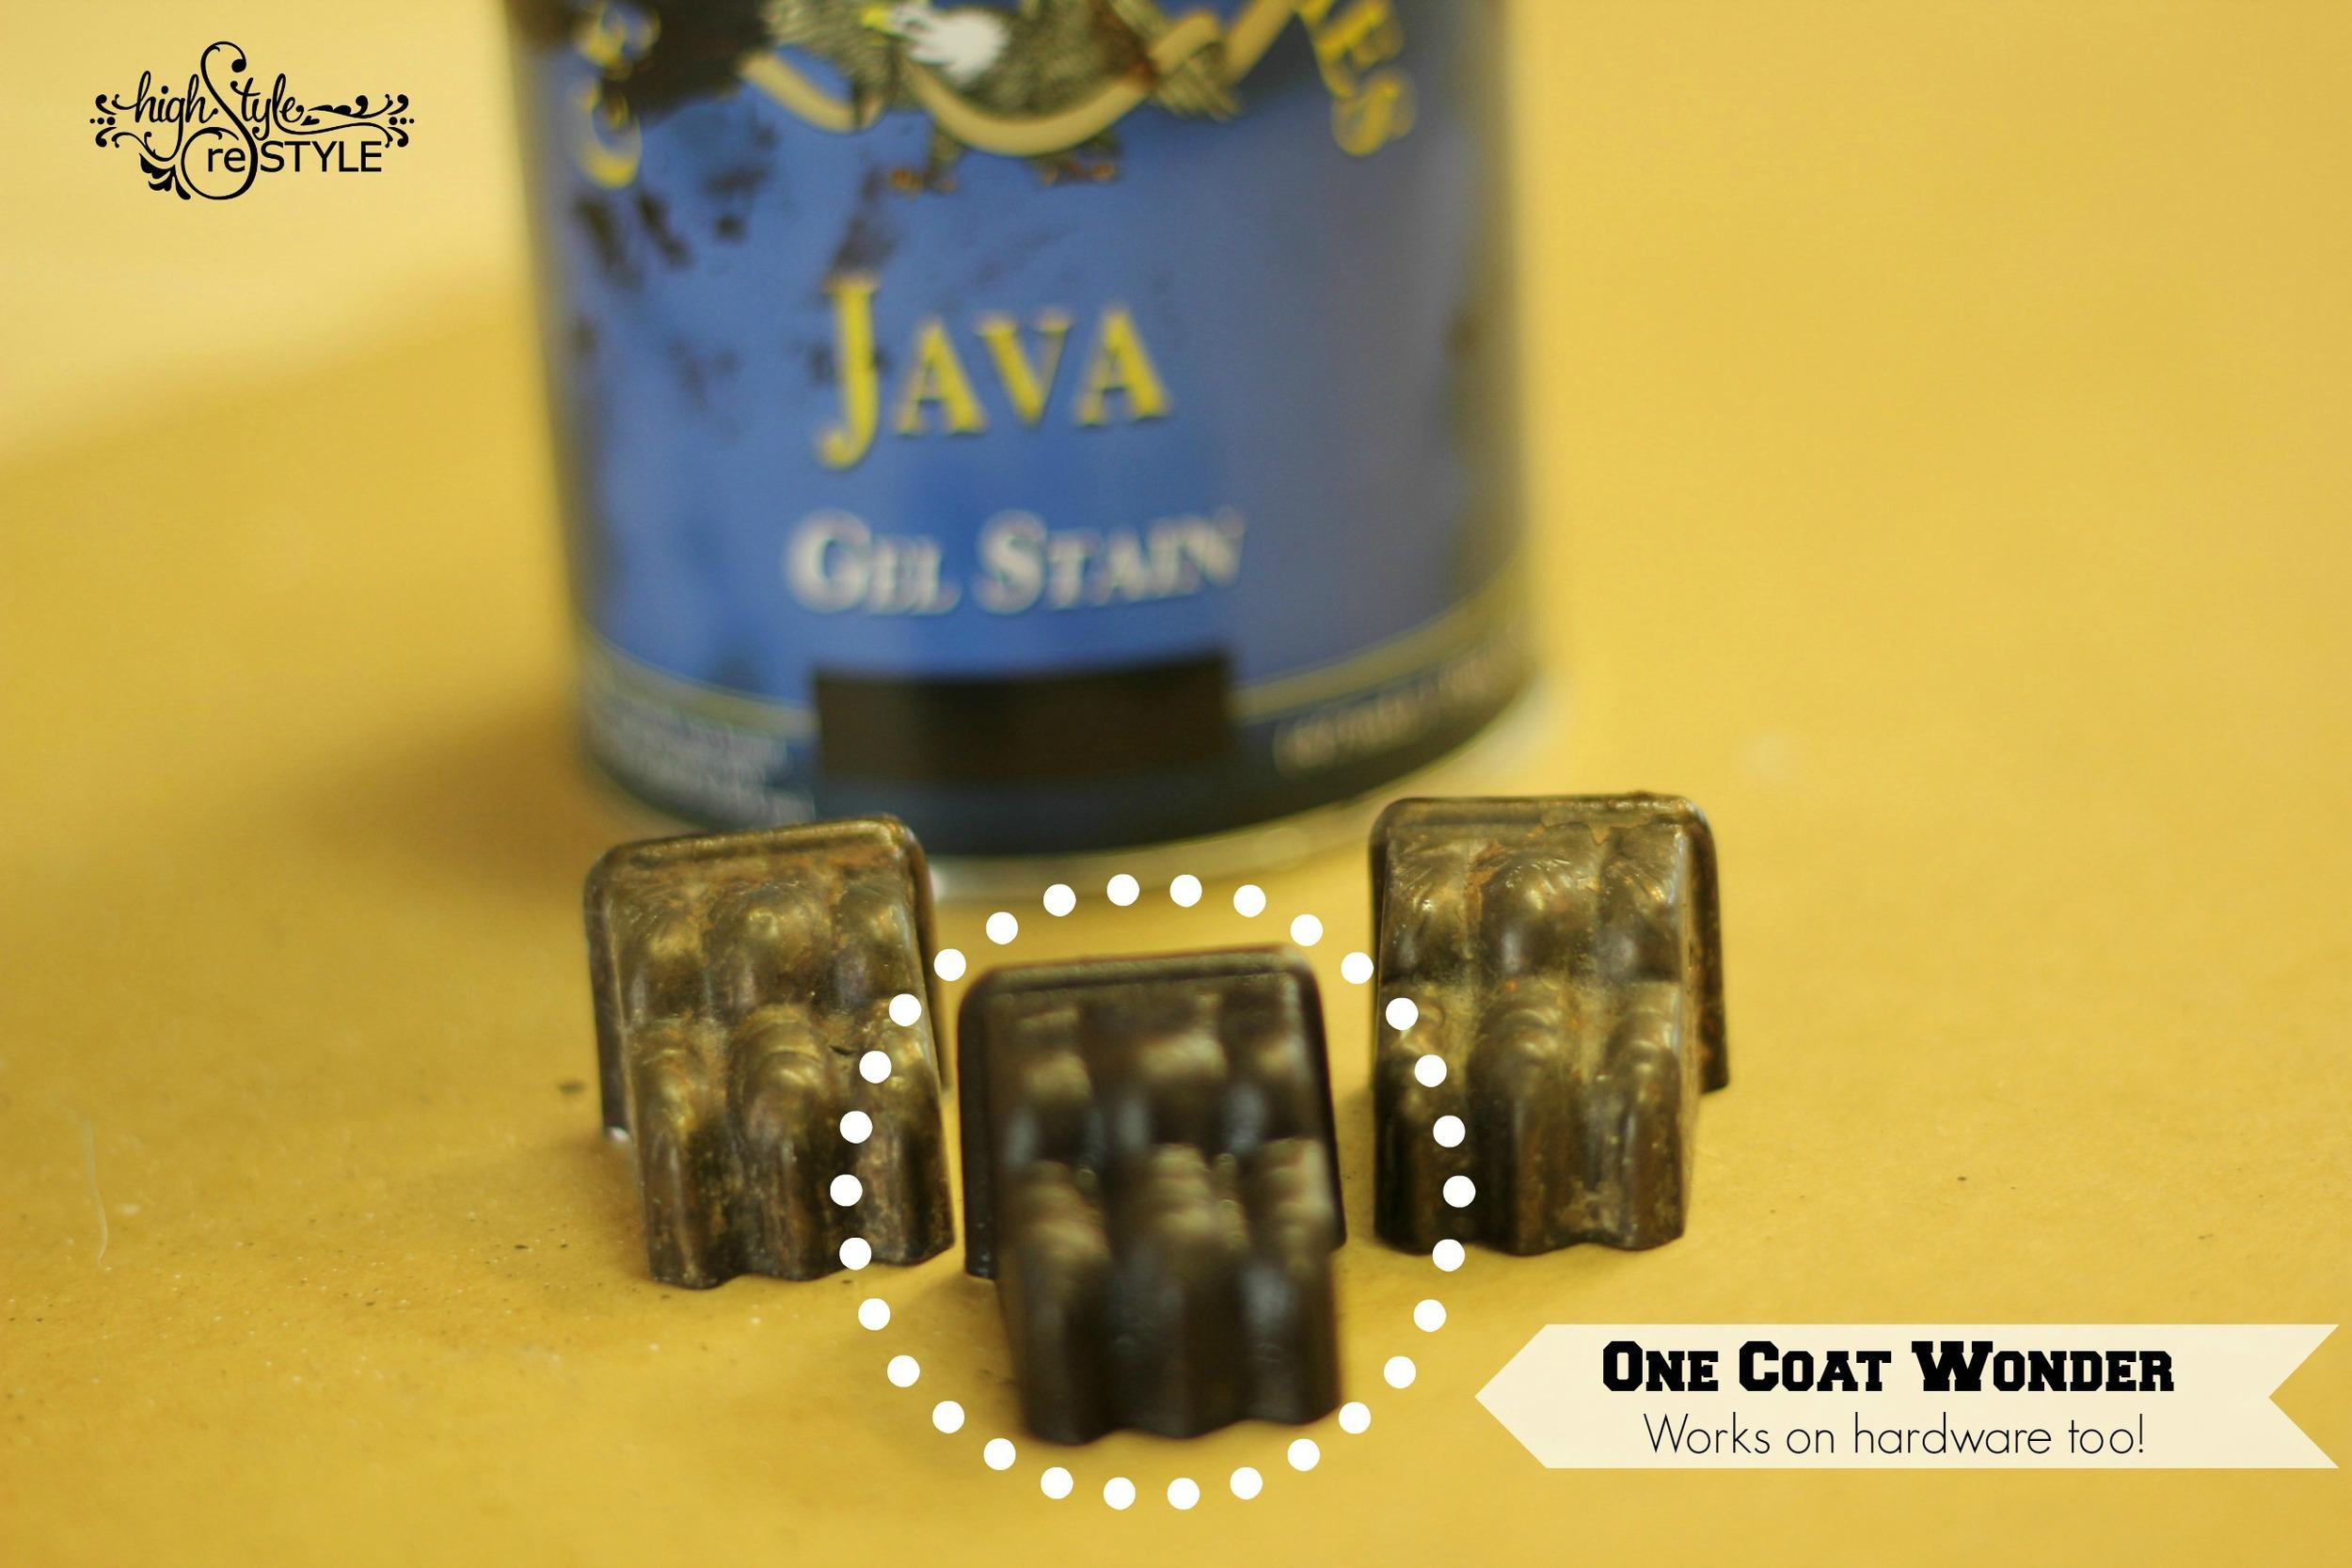 Java Gel Stain on hardware.jpg